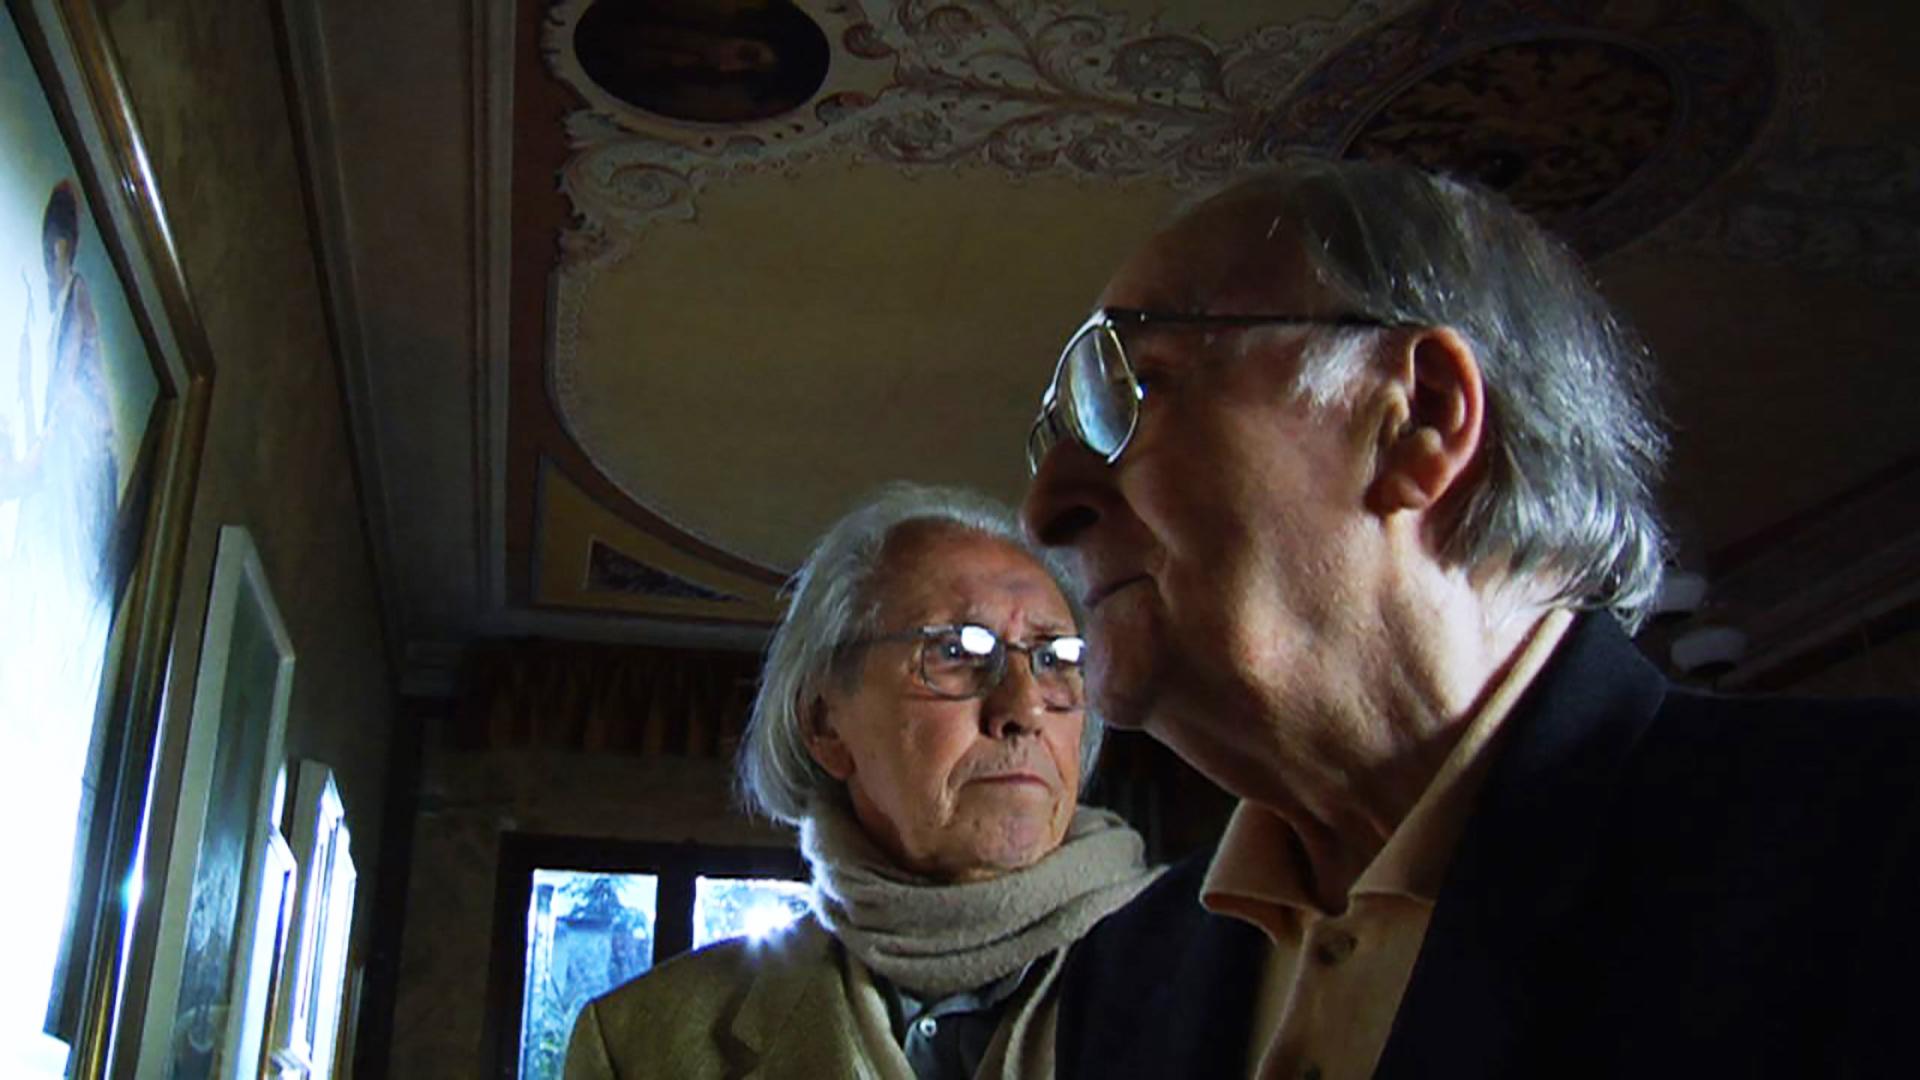 Image for: Possibili rapporti. Due poeti, due voci